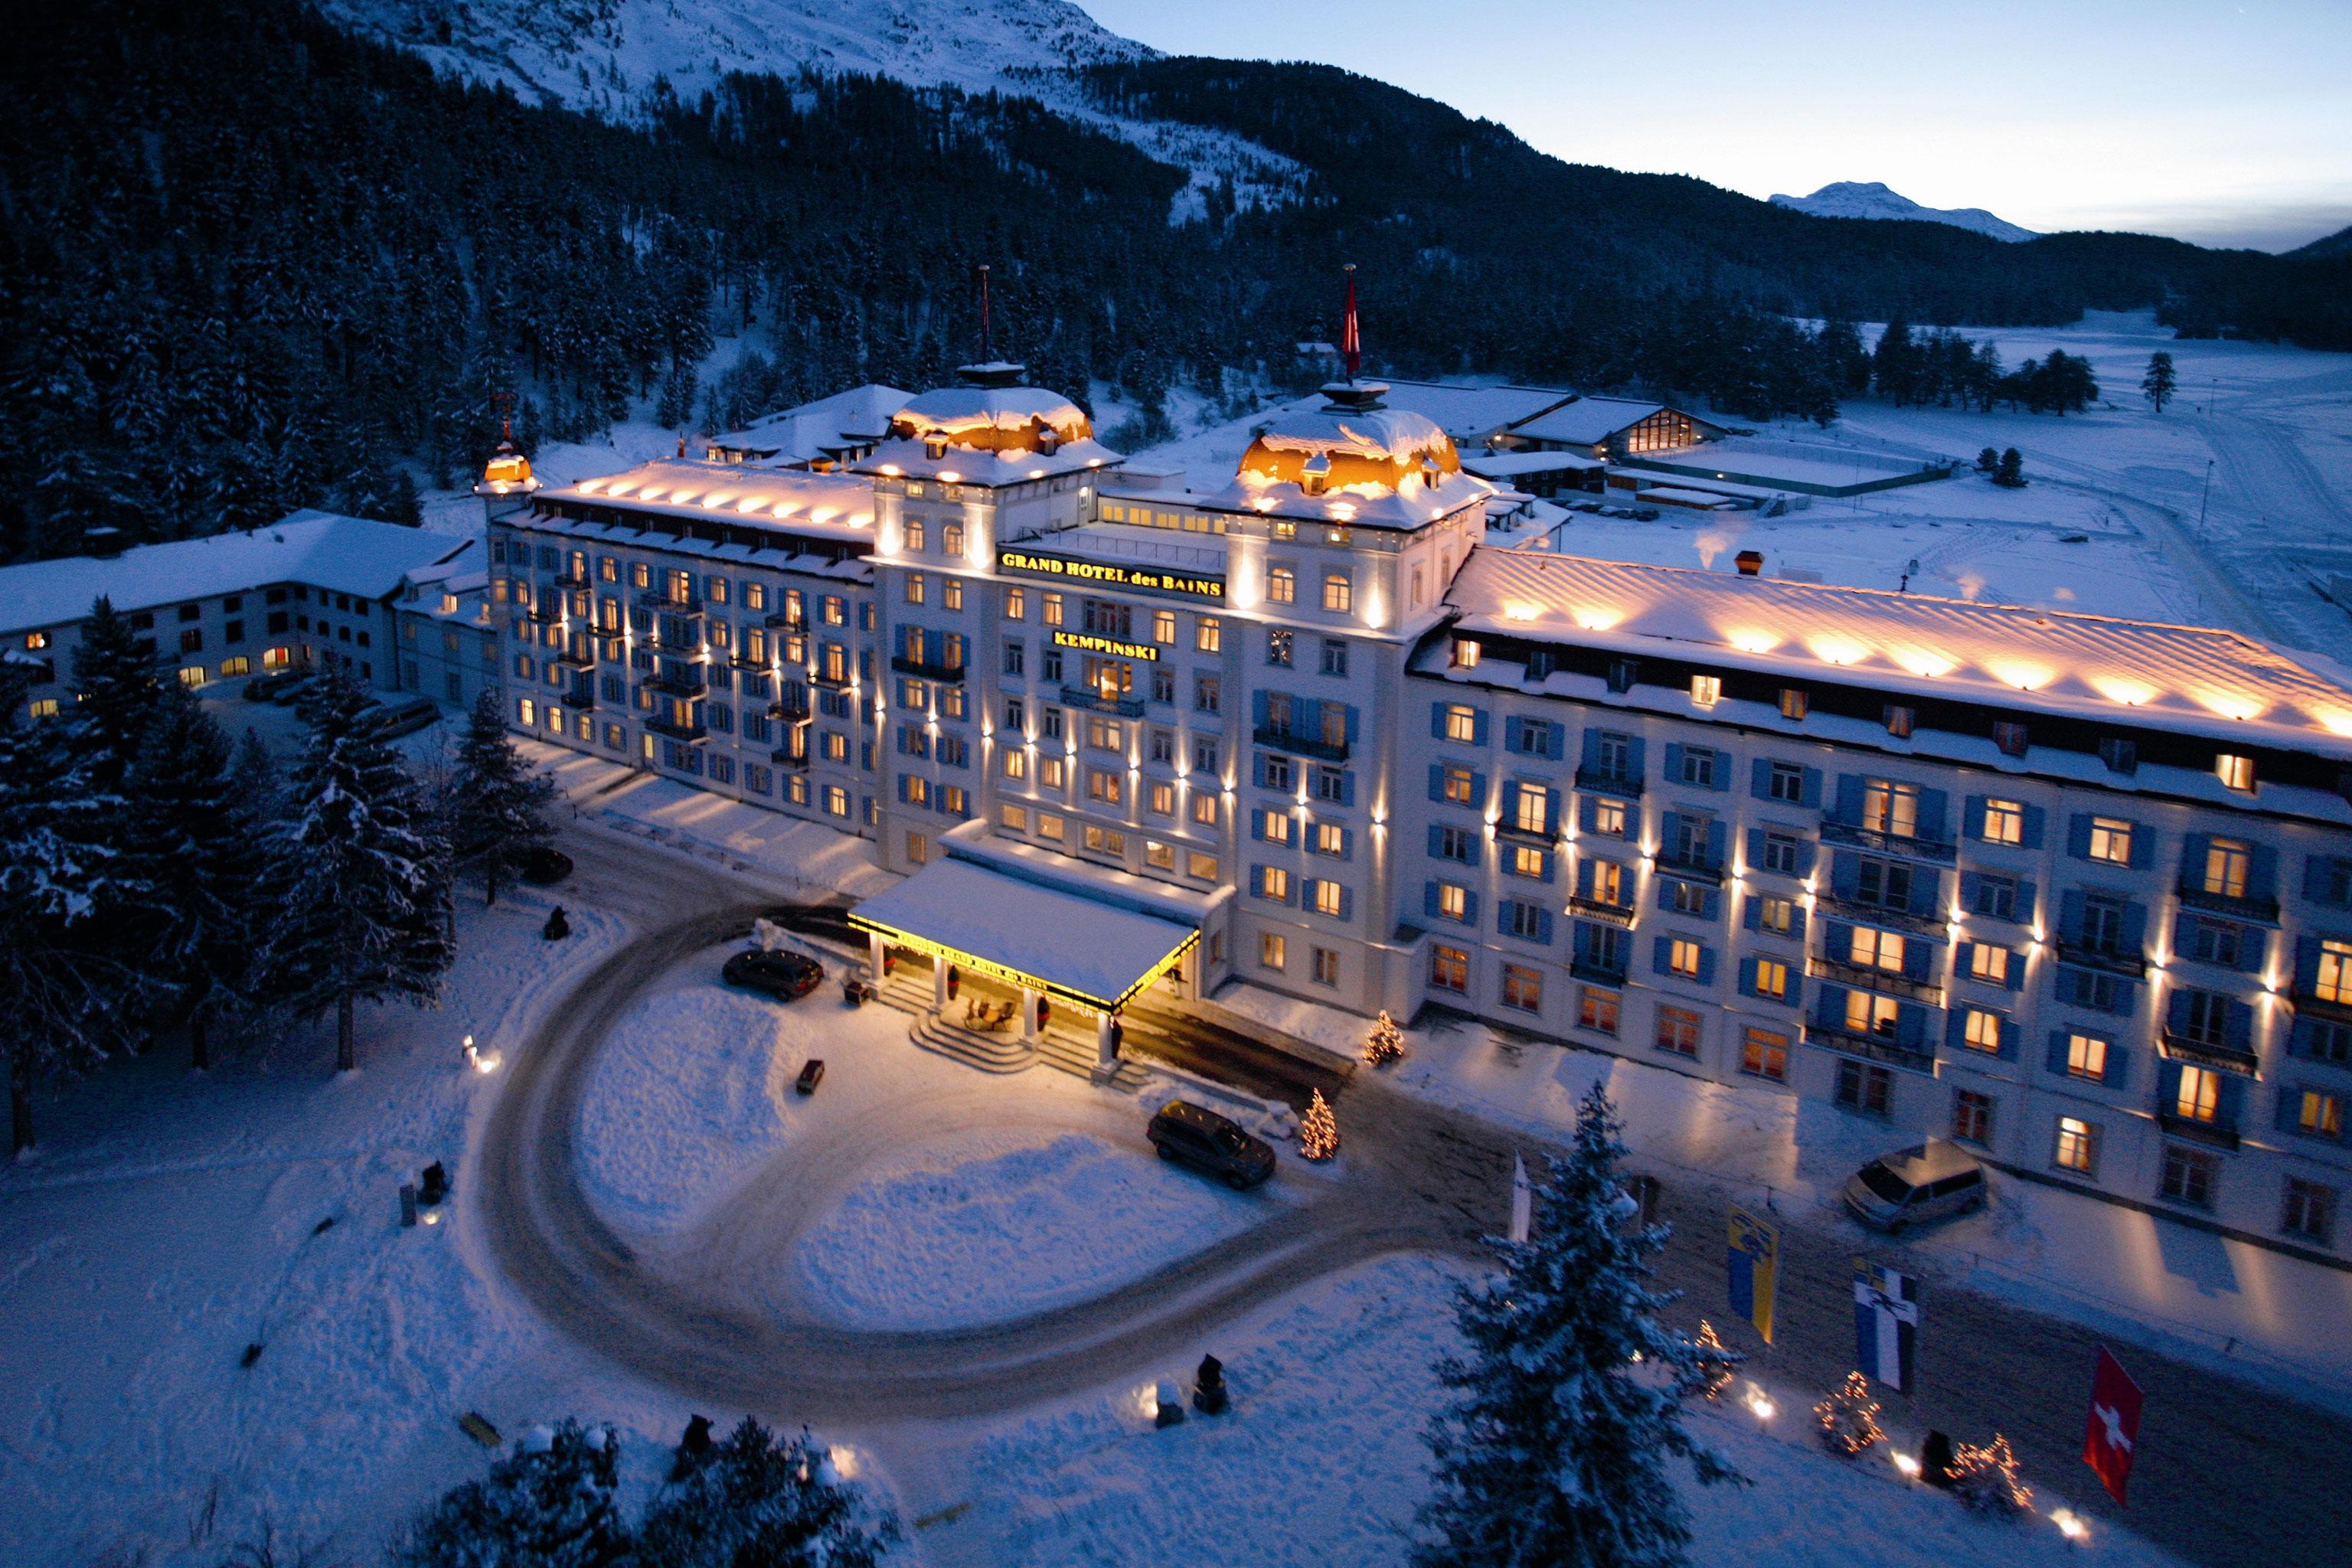 Kempinski grand hotel des bains st moritz world of for Grand hotel des bains 07